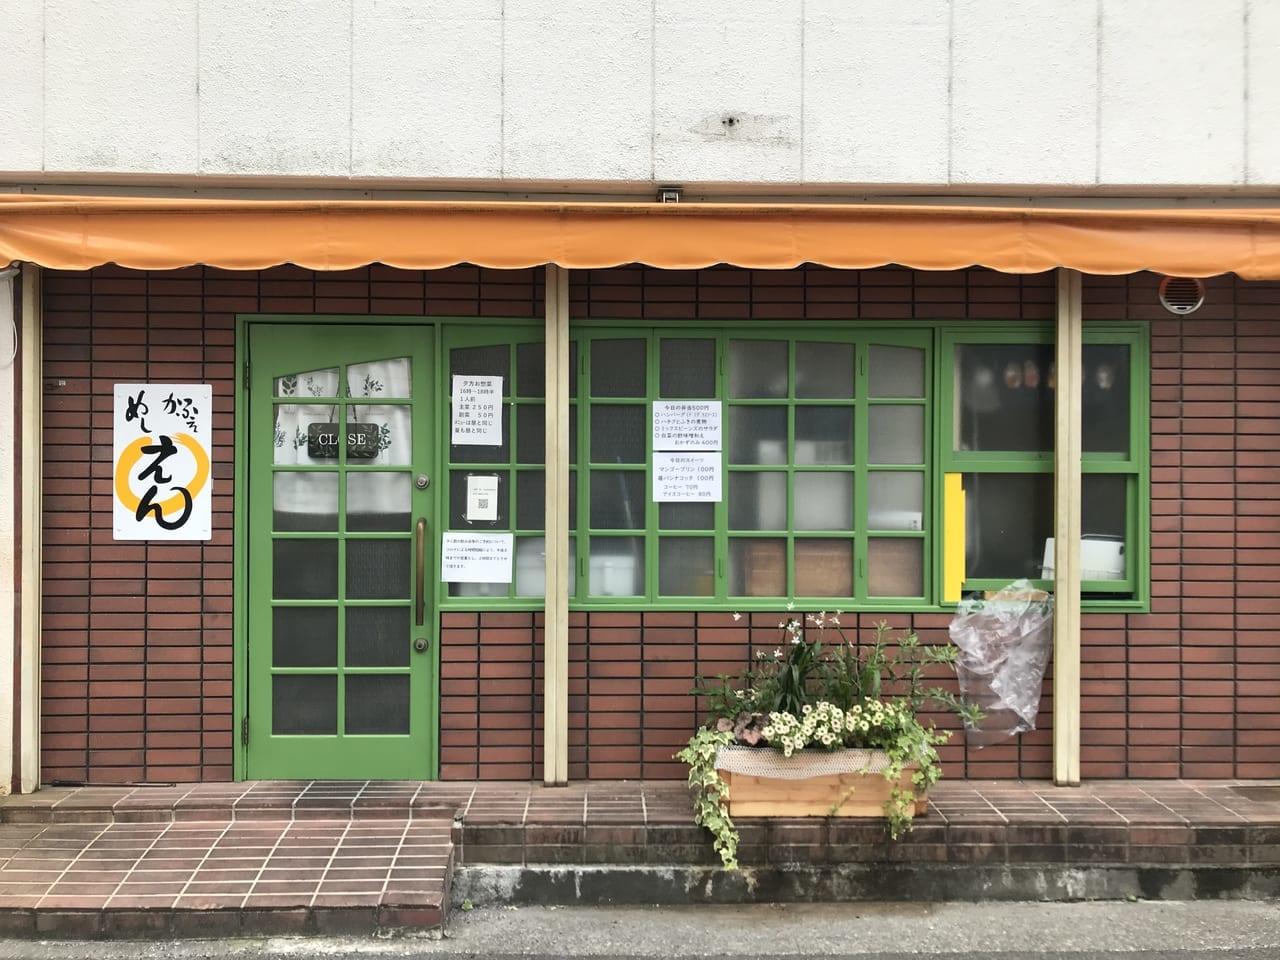 2021年6月、高知市役所西隣にある「めしかふぇ えん」のお弁当とスウィーツが美味。